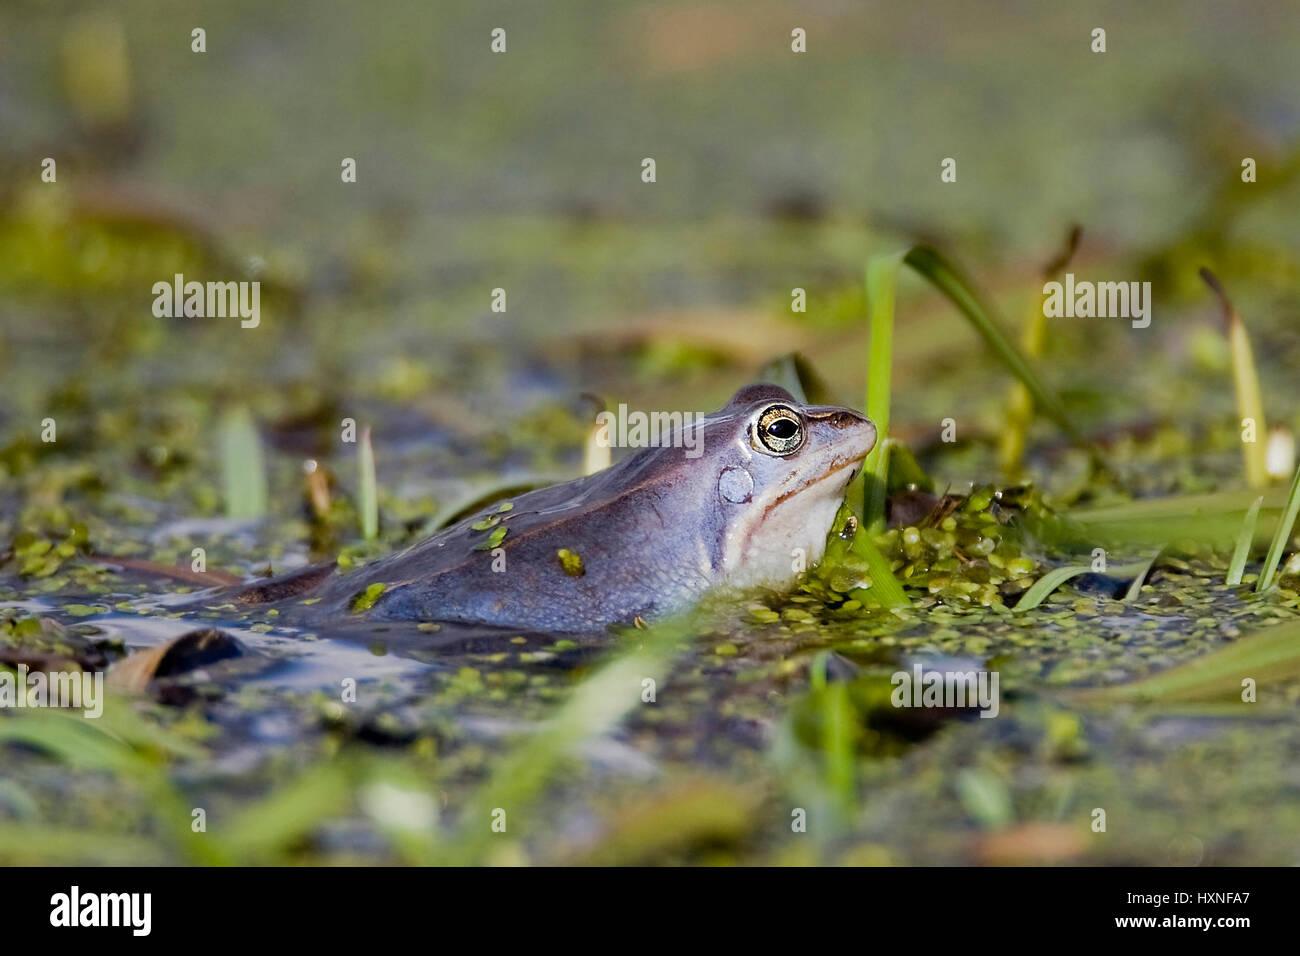 Moor frog with the mating - moor Frog, Moorfrosch bei der Paarung - Moor Frog Stock Photo